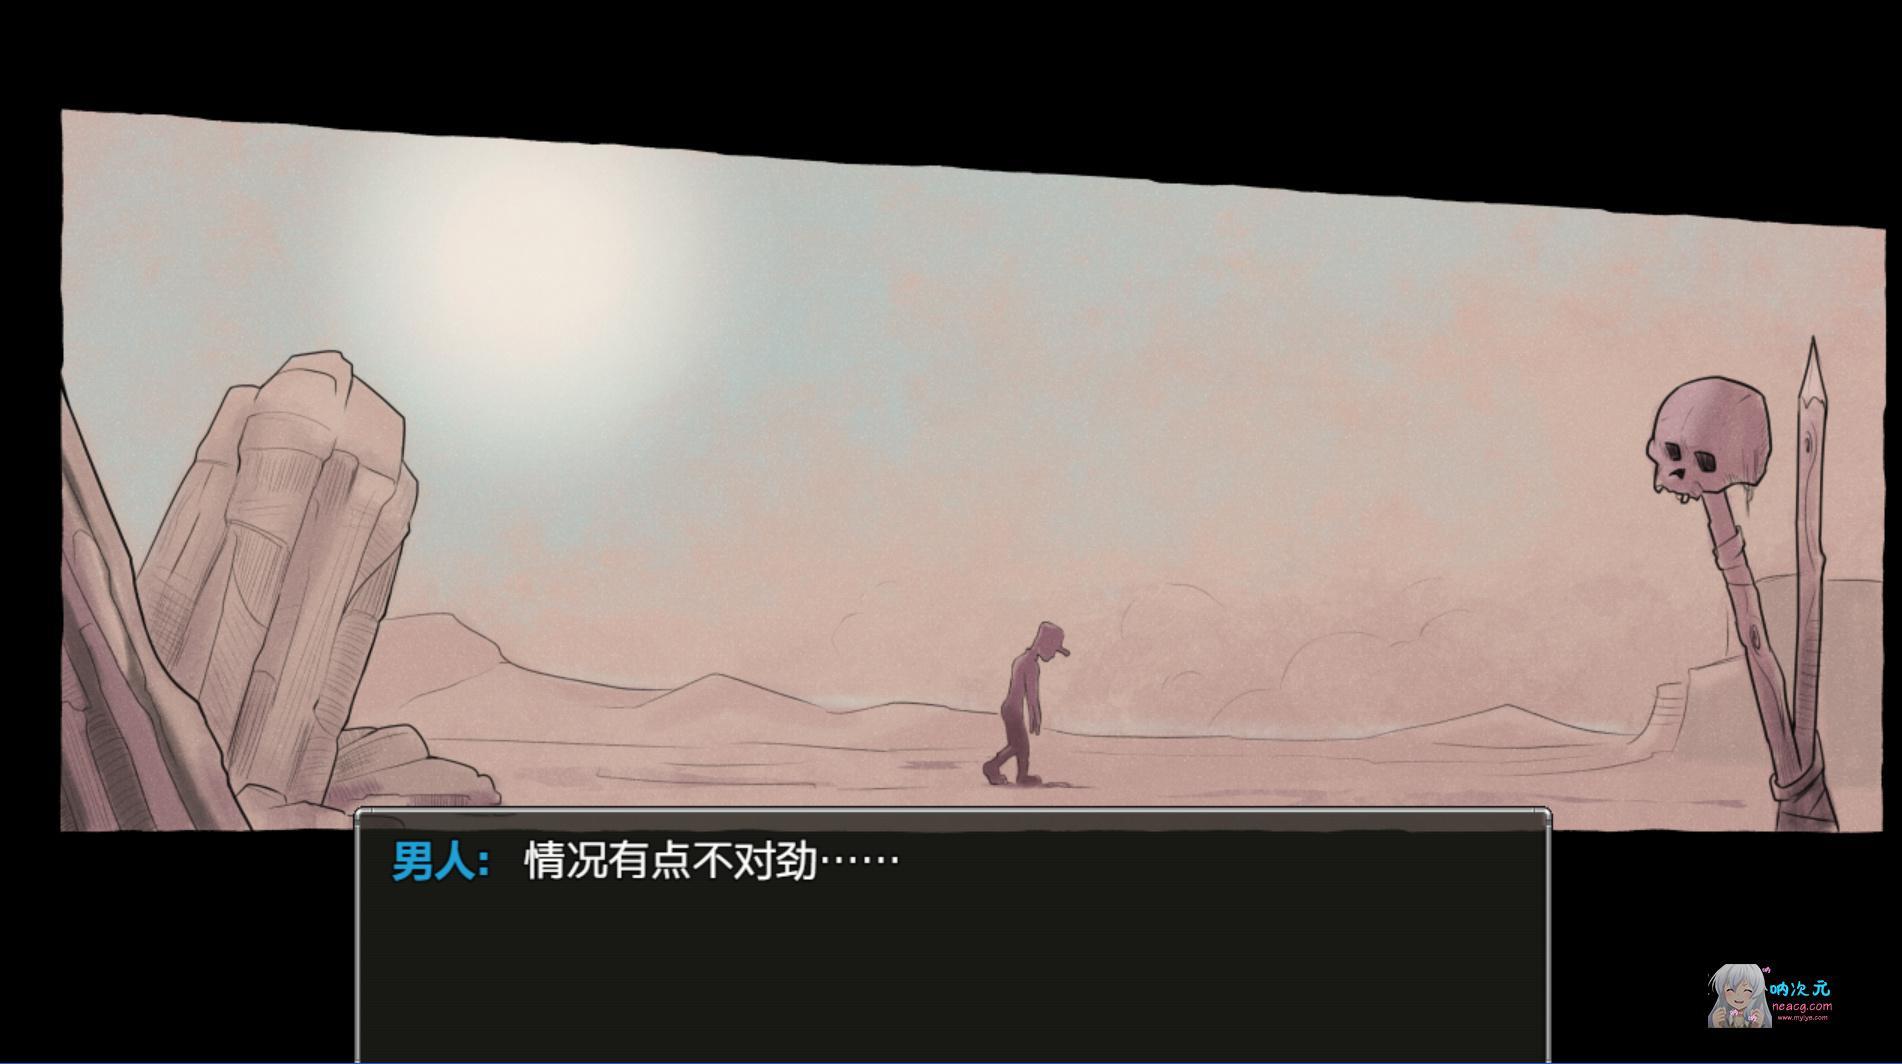 【欧美RPG】辐射避难所!精修完整汉化版+全CG【探索解密/动态CG/PC+安卓/1.6G】